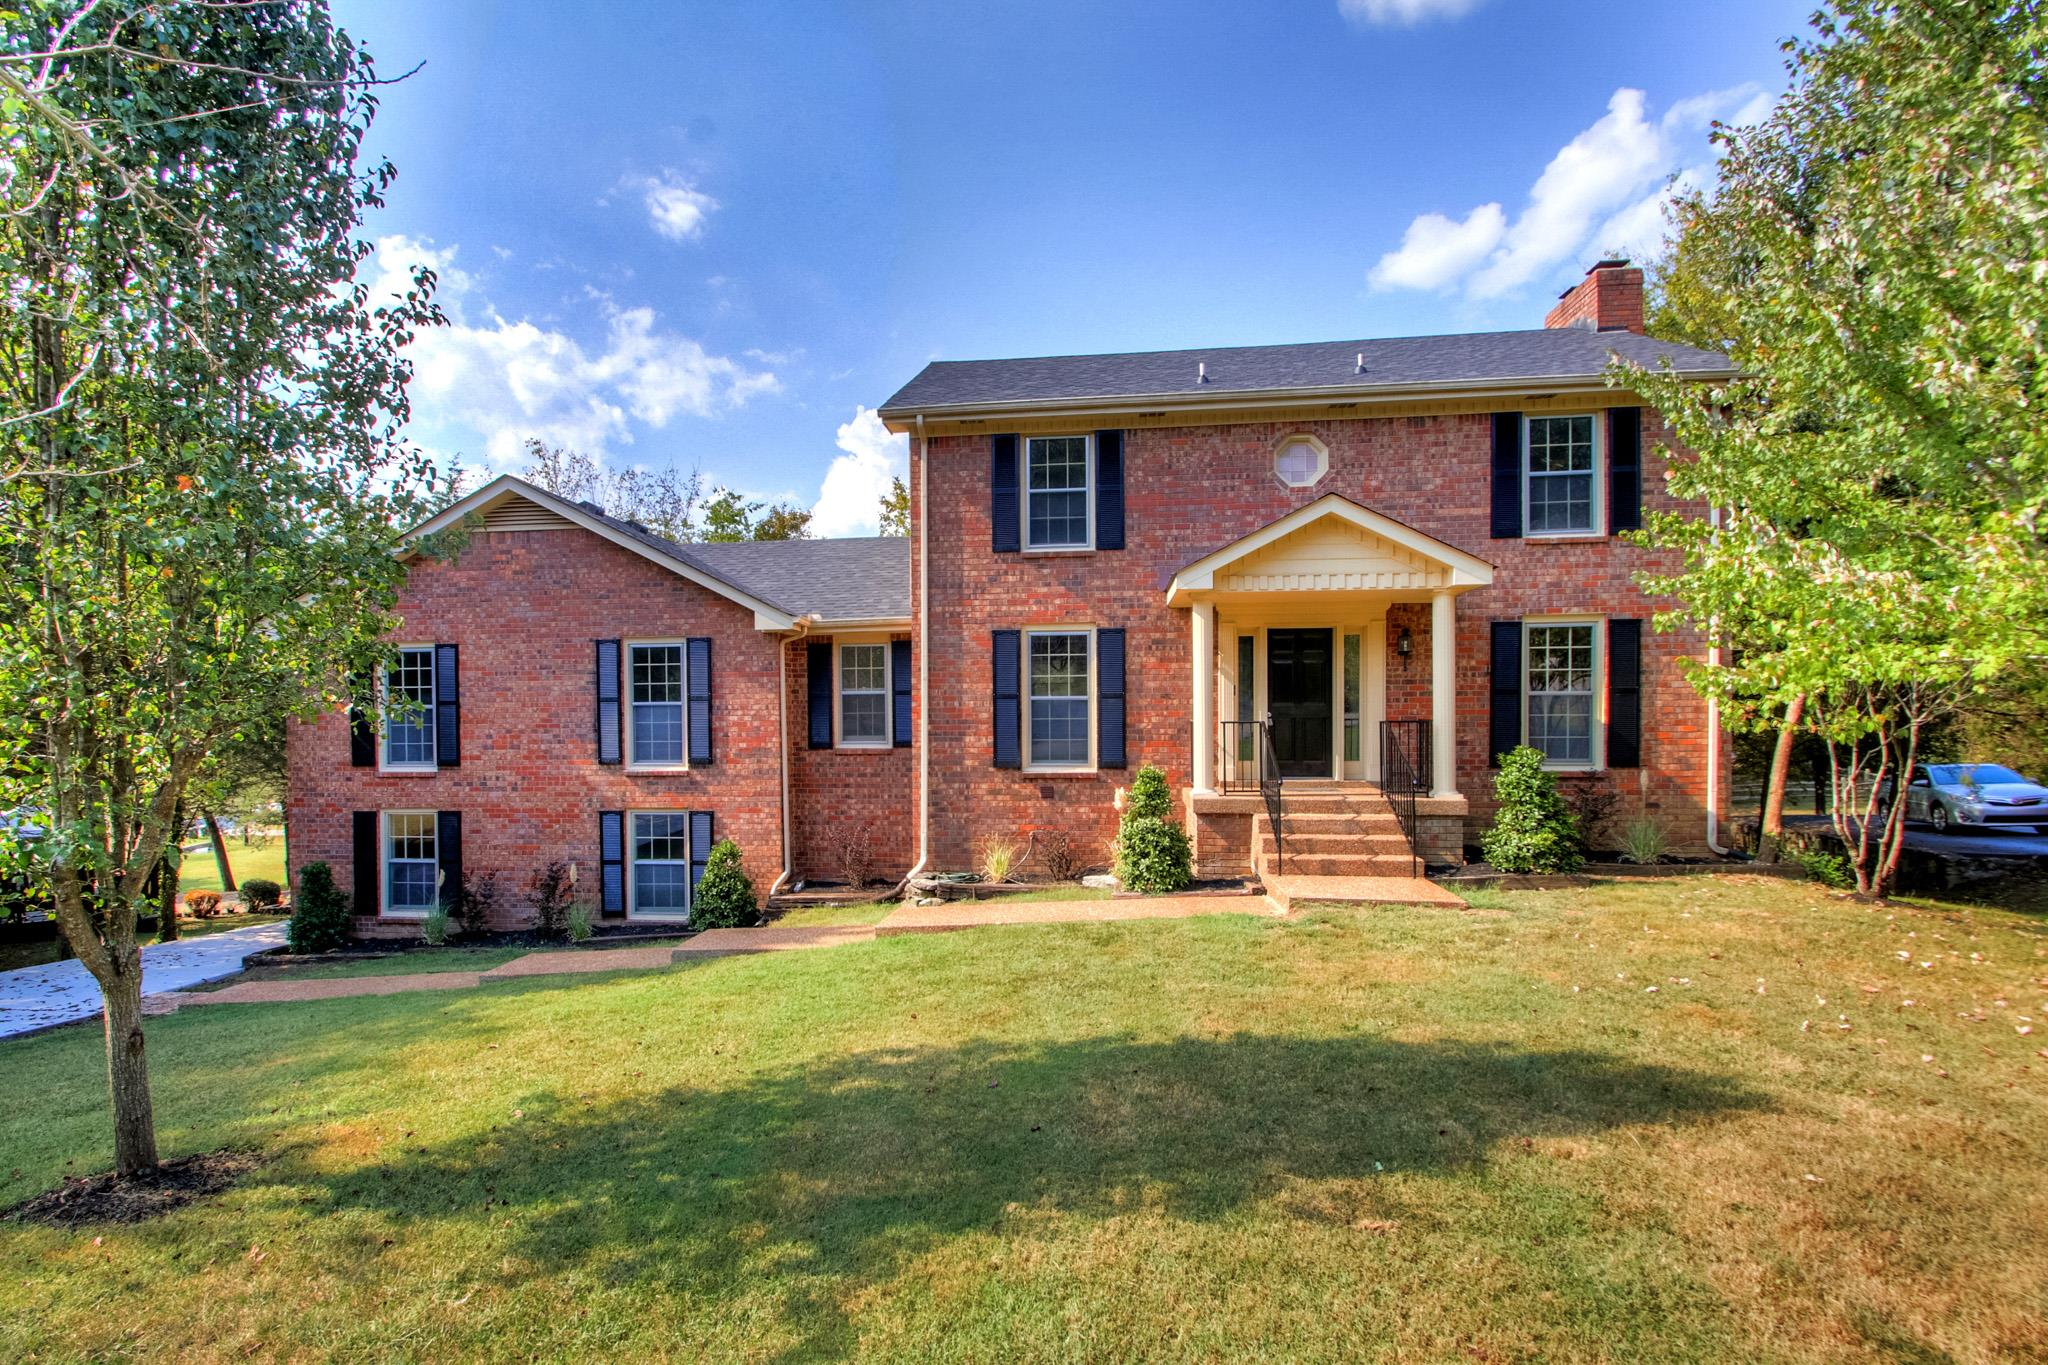 103 Maple View Trl, Hendersonville, TN 37075 - Hendersonville, TN real estate listing